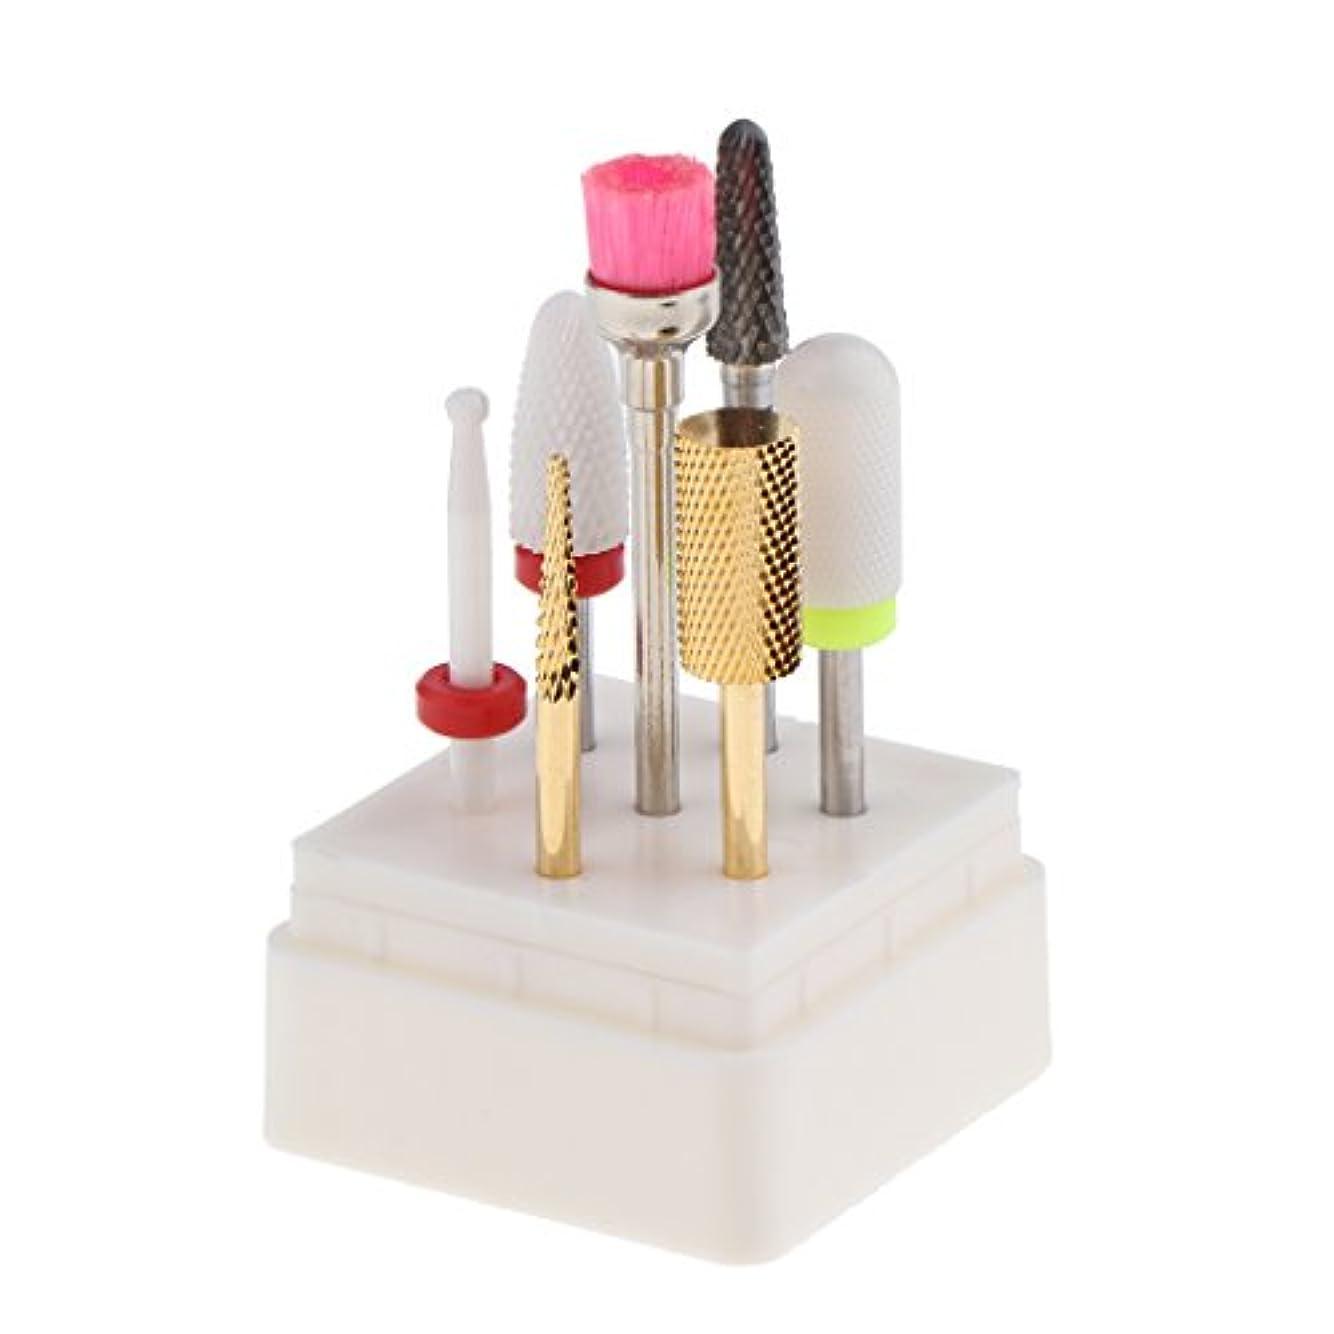 変換するワット邪悪なToygogo 7ピース/個美容院セラミックネイルアートポリッシングヘッド電動ドリルビット3/32インインロータリーファイルロータリーファイルトップグラインドアクリルゲル除去グリット